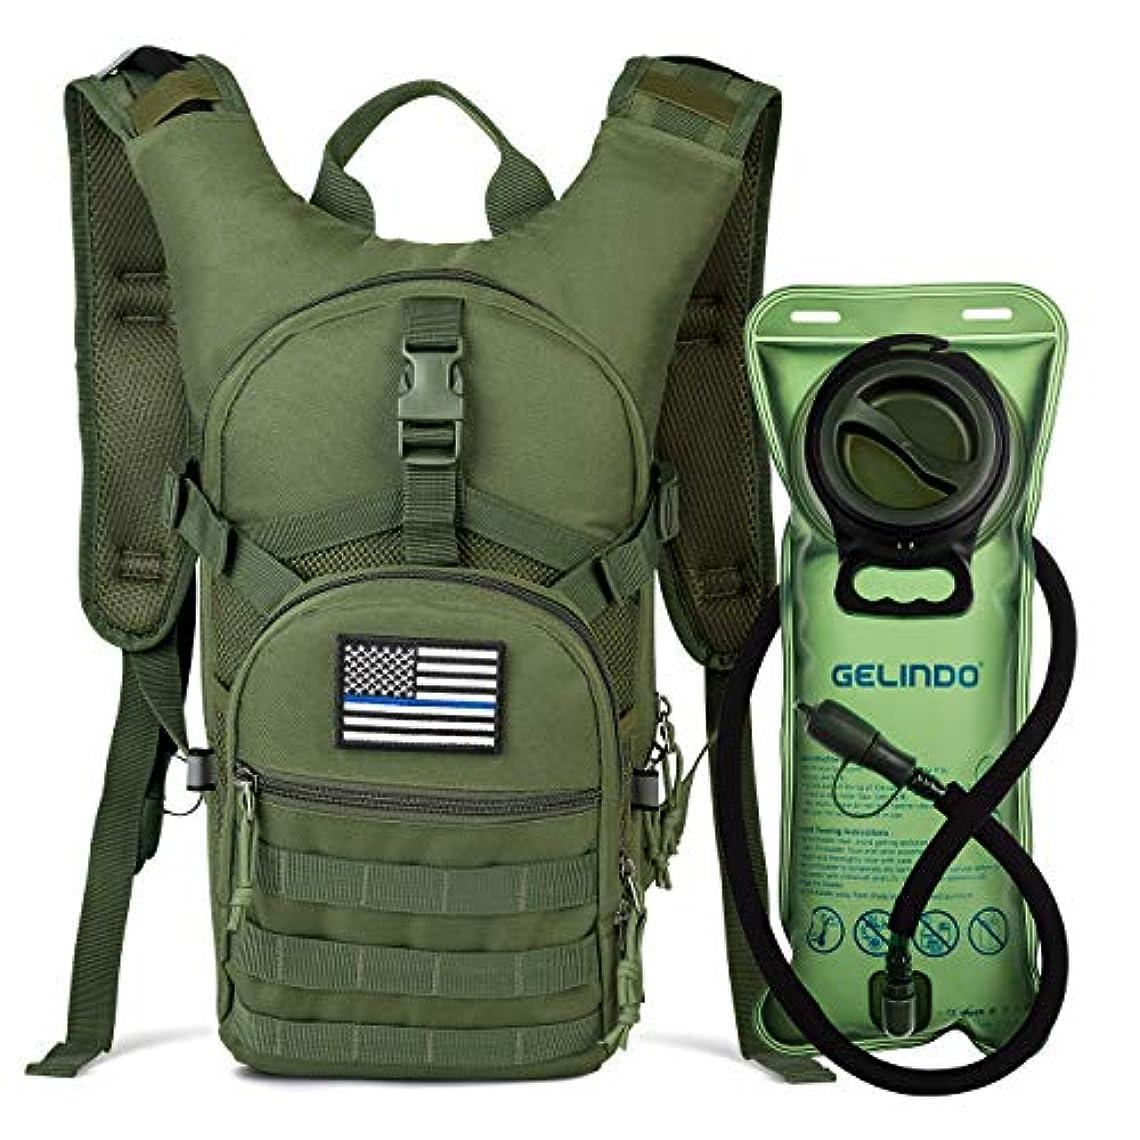 急いでアッティカス真空Gelindo Military Tactical Hydrationバックパックwith 2l水膀胱ライト重量MOLLE Tactical Assault Pack forハイキングサイクリングランニングウォーキング登山...